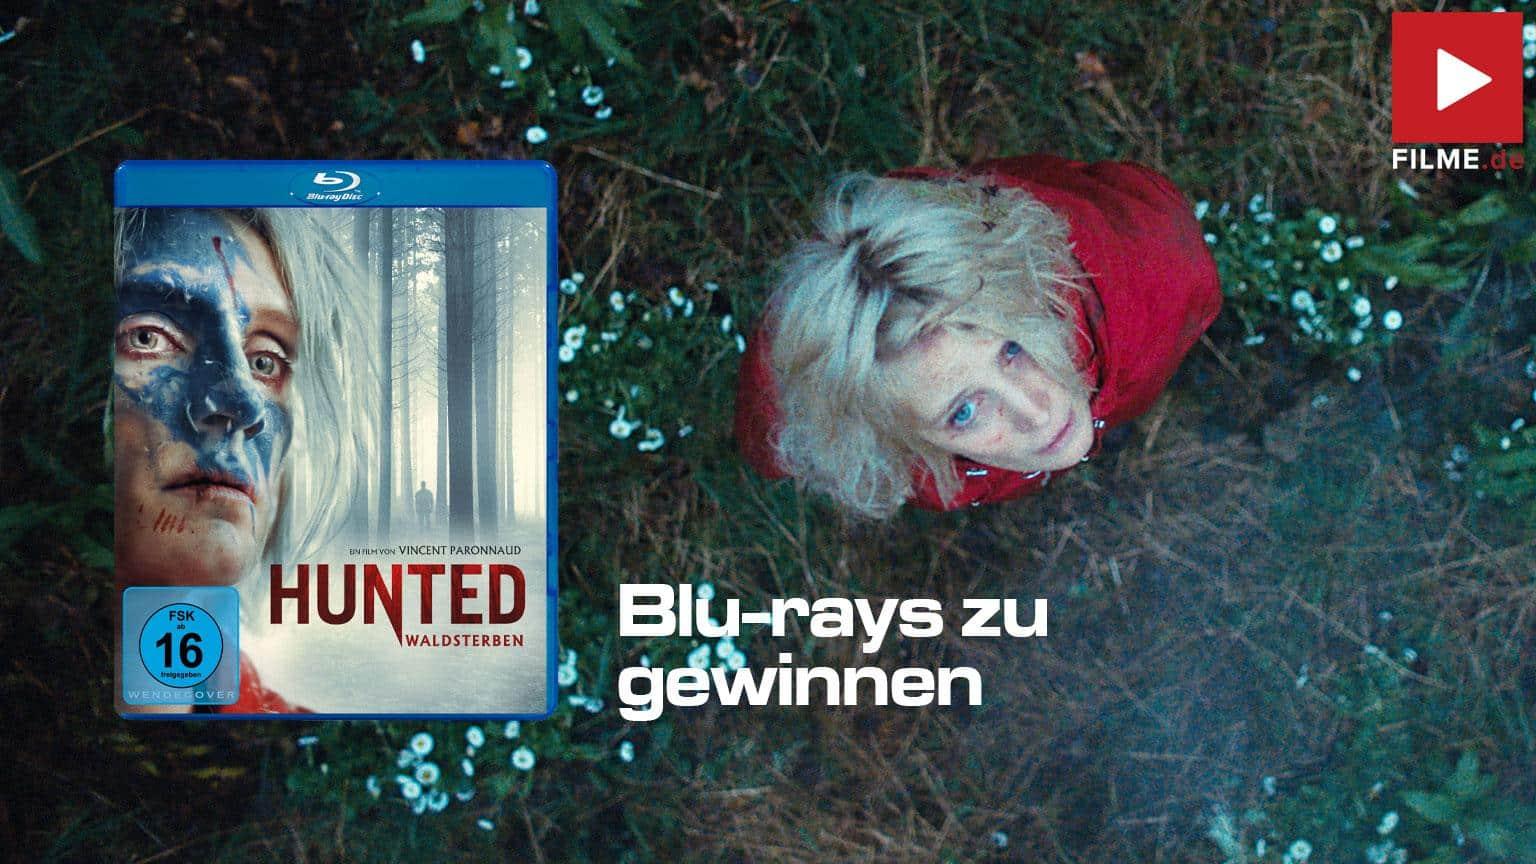 Hunted - Waldsterben Film 2021 Blu-ray Cover shop kaufen Artikelbild Gewinnspiel gewinnen